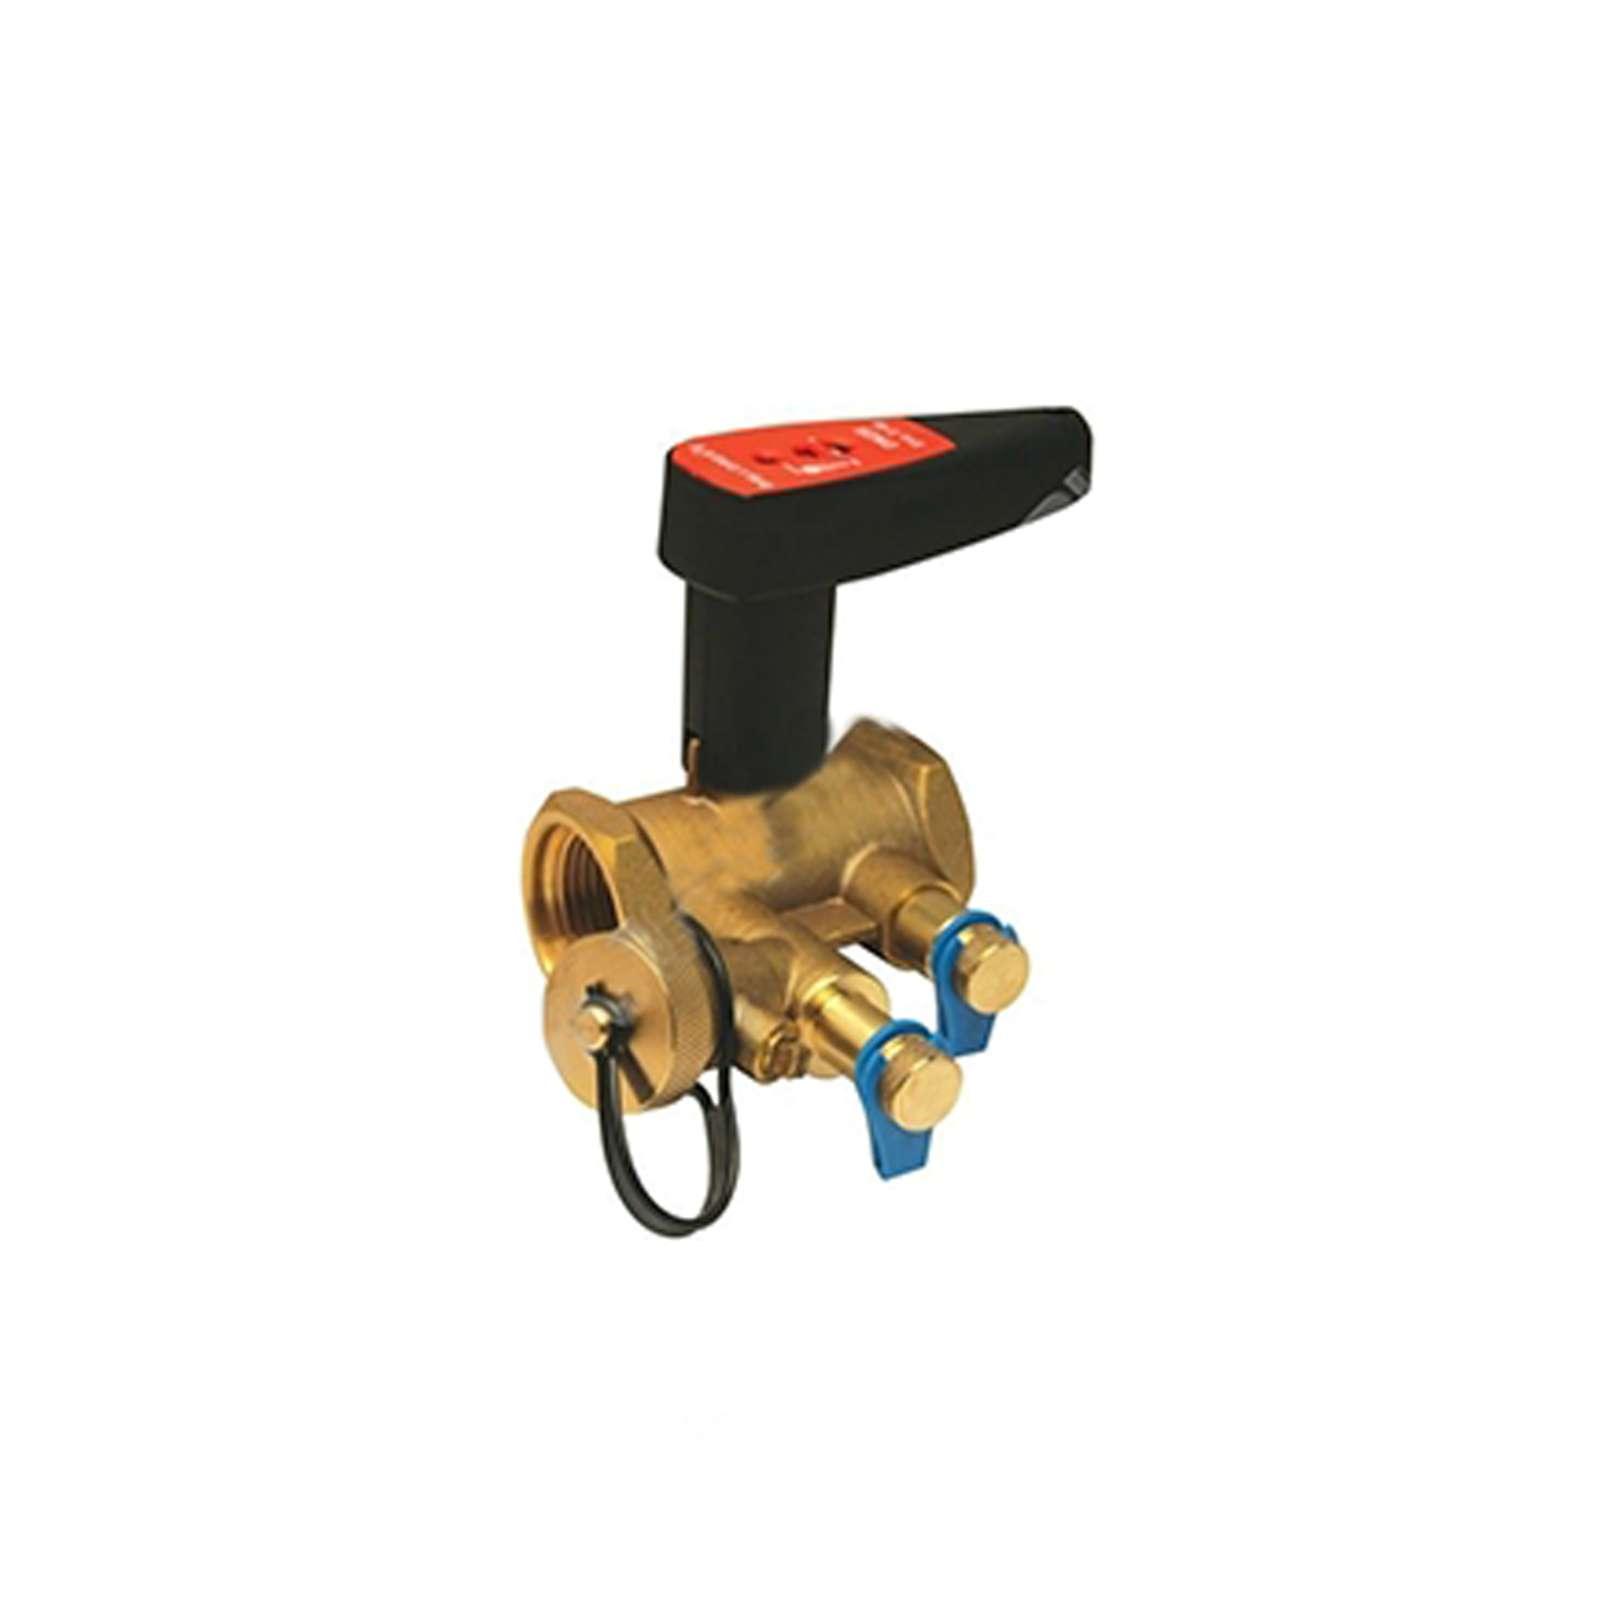 Клапан балансировочный BALLOREX V с ниппелями и дренажем Р/Р ДУ40, 4751000S-001673